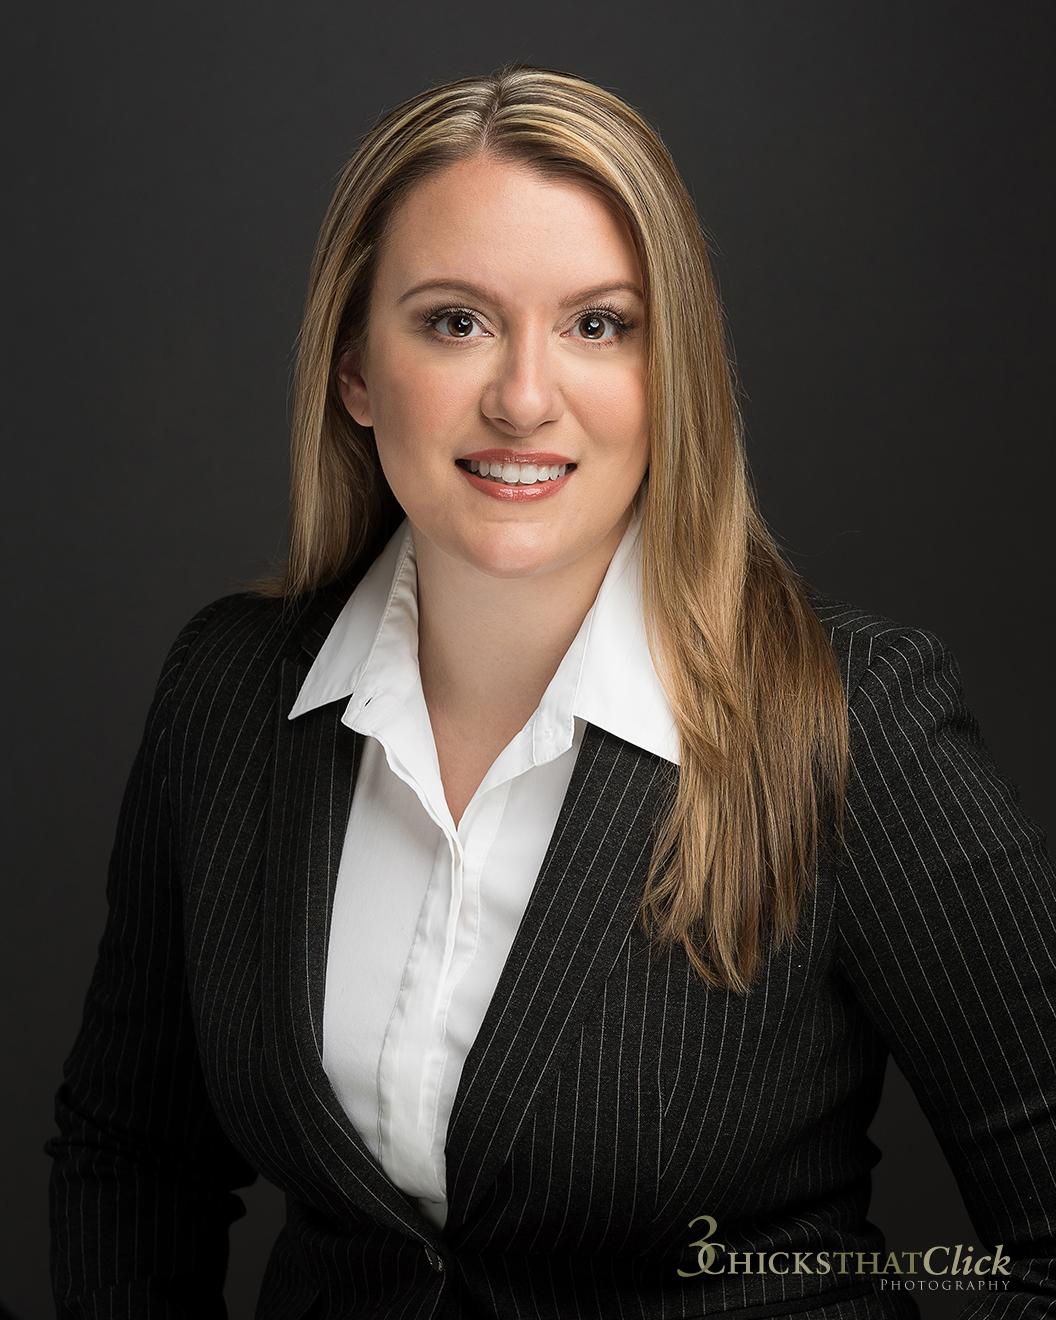 Erica Jedynak